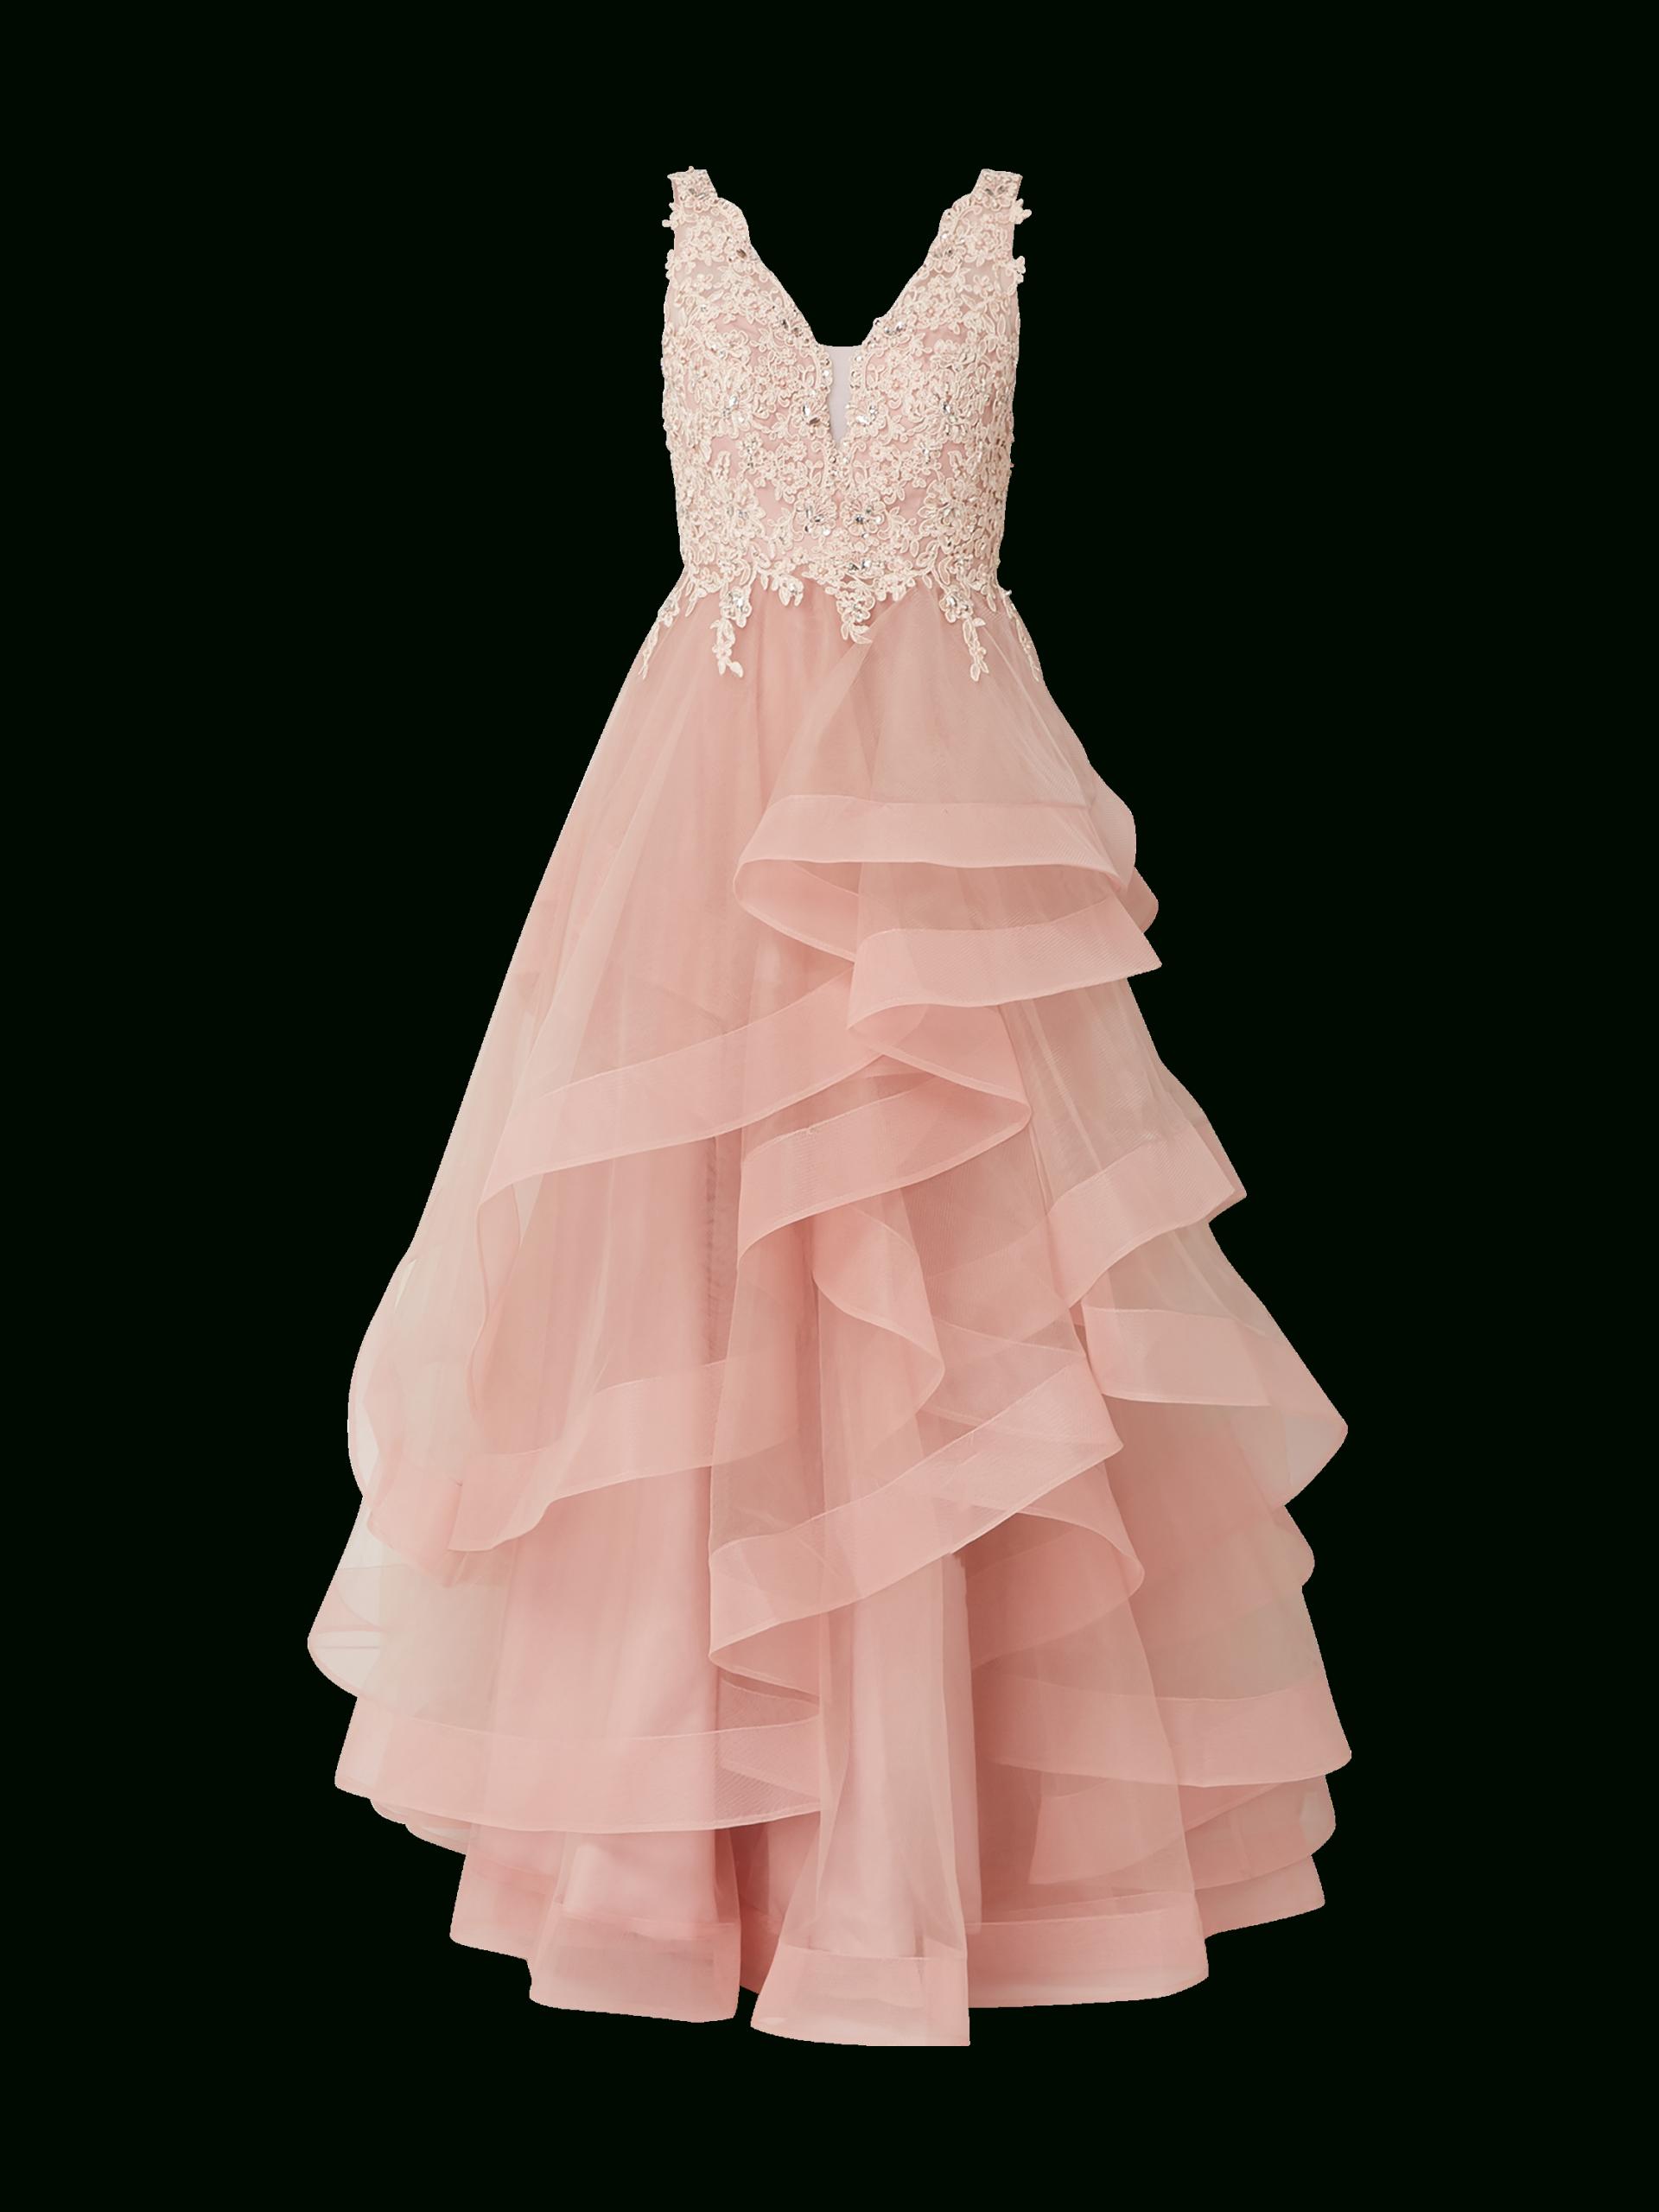 Kleider Für Hochzeit P&c in 2020 | Abendkleid, Kleider ...